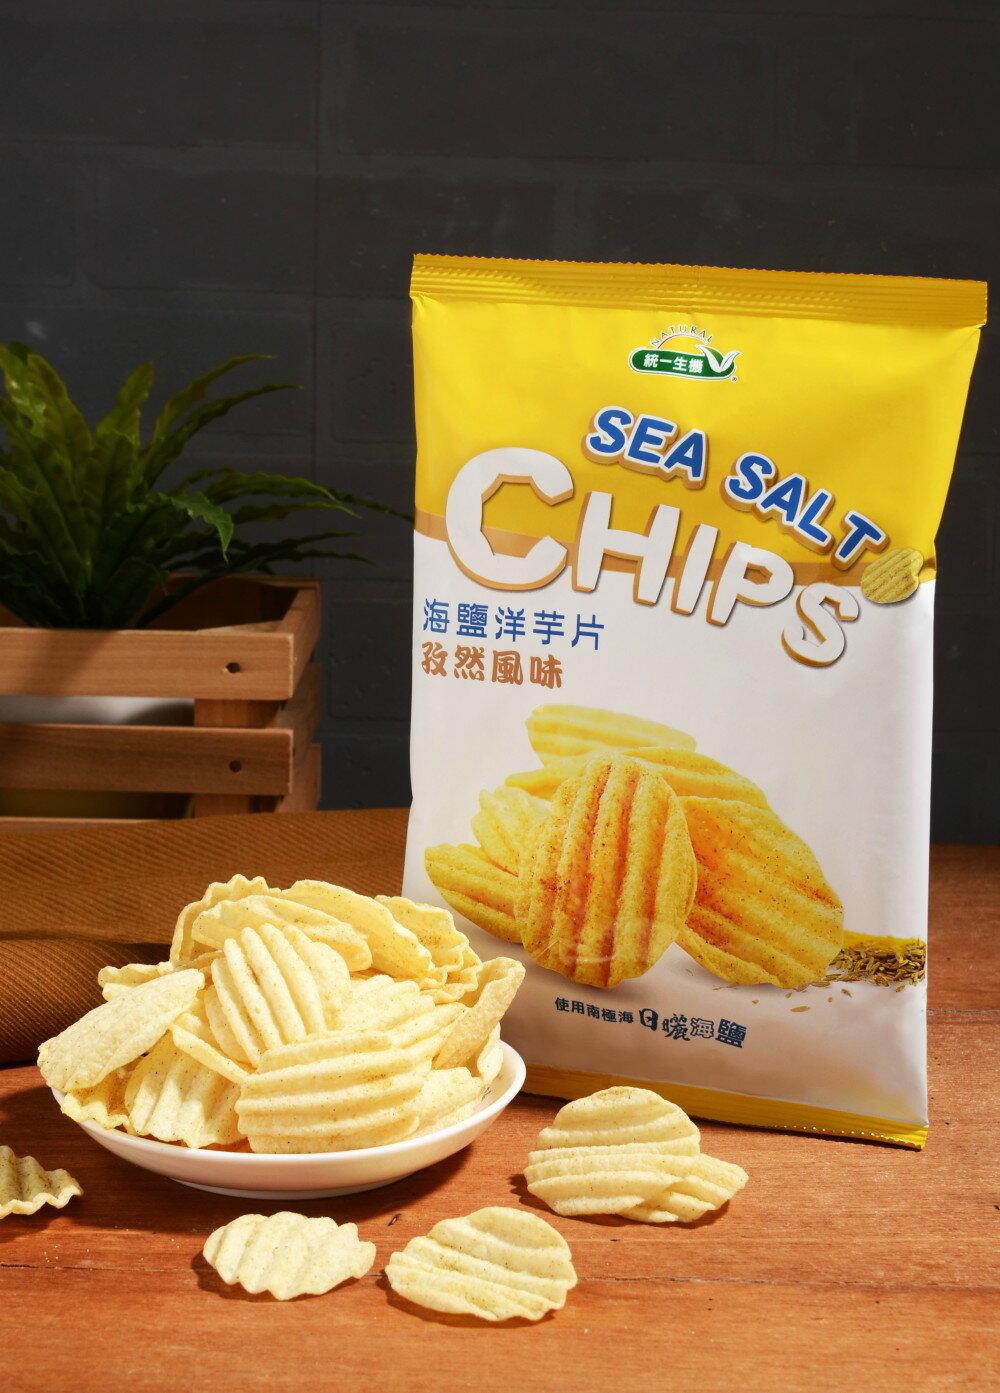 統一生機海鹽洋芋片-孜然風味*喀滋喀滋厚實口感-50g/包✨常溫消費滿999元贈有機燕麥片-細*1✨(限量150份)